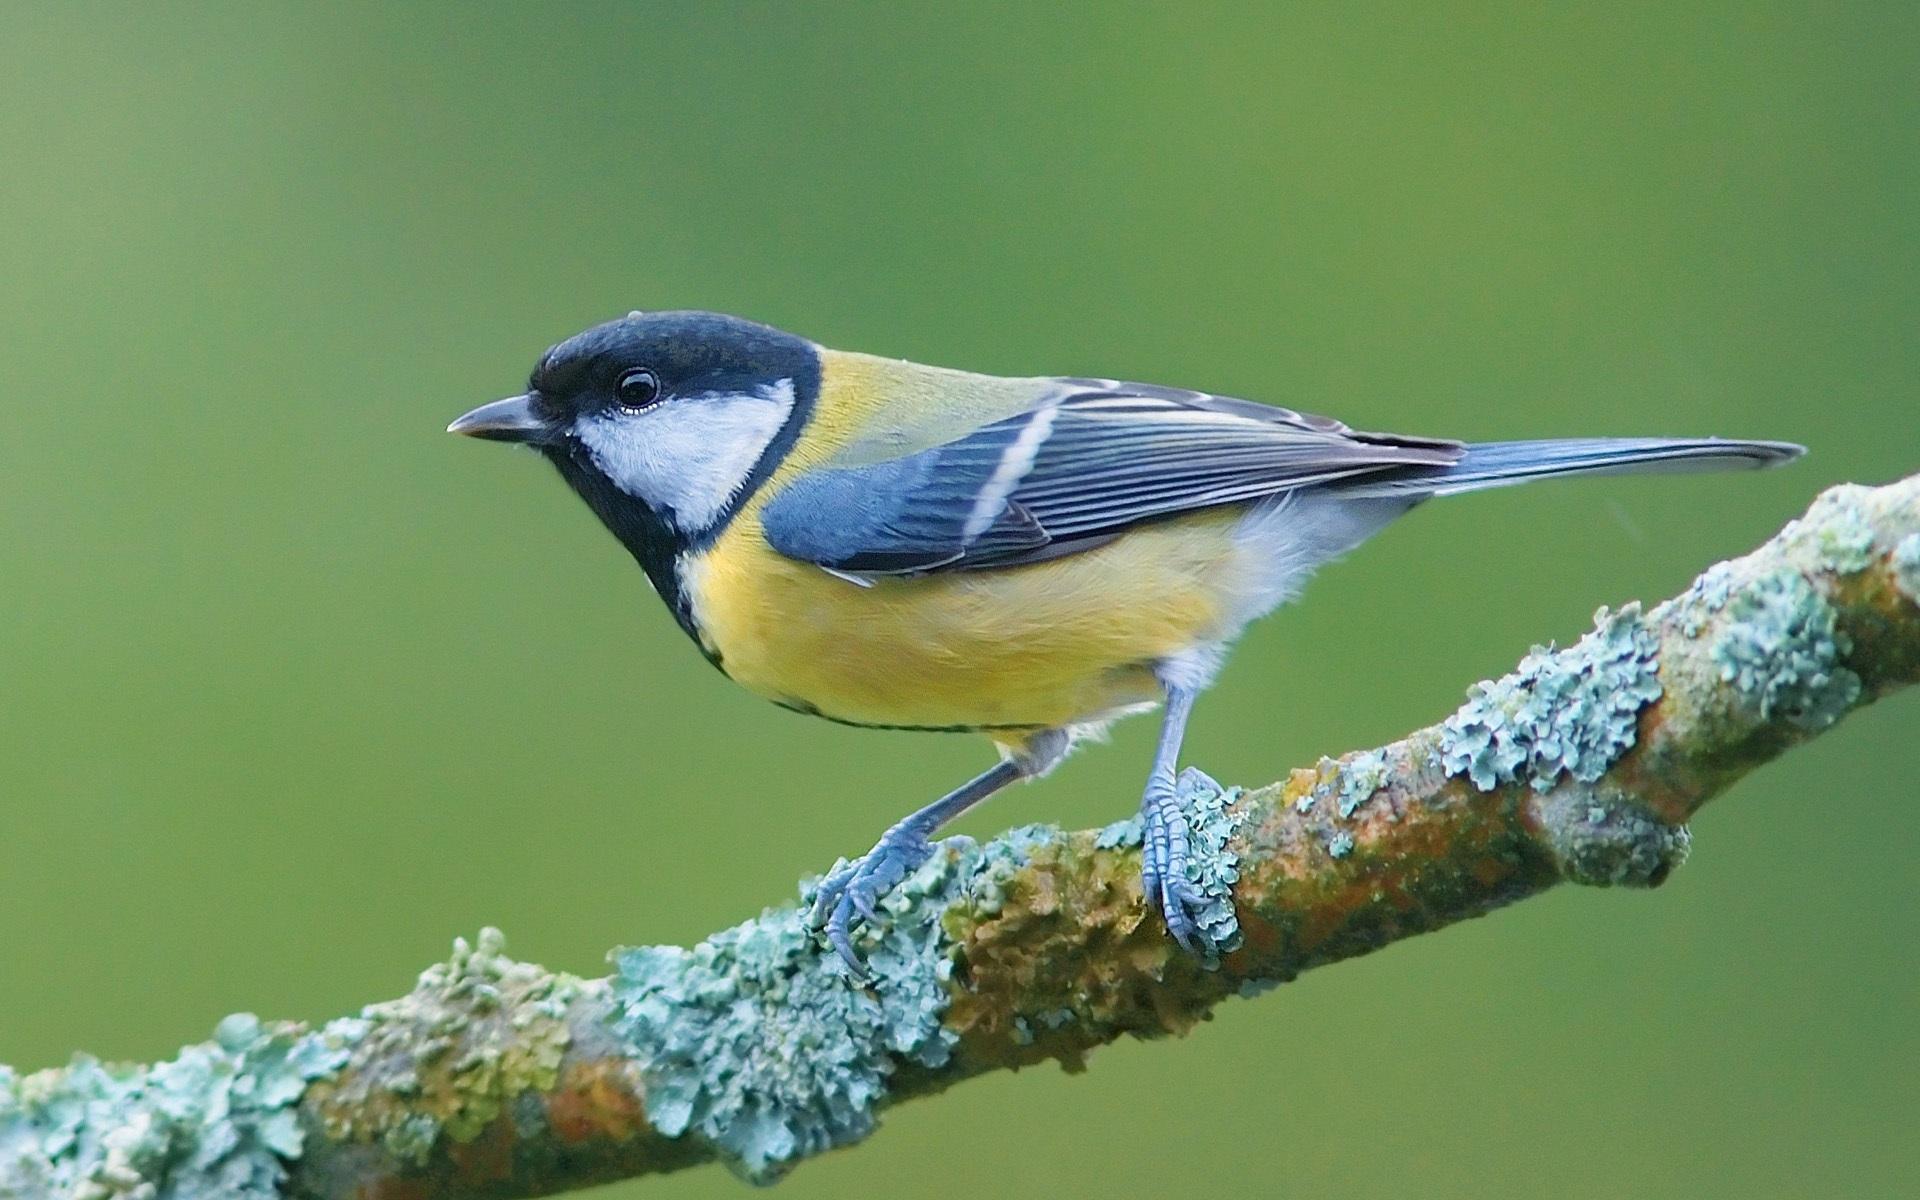 Pájaro en una rama fondos de pantalla - 1920x1200